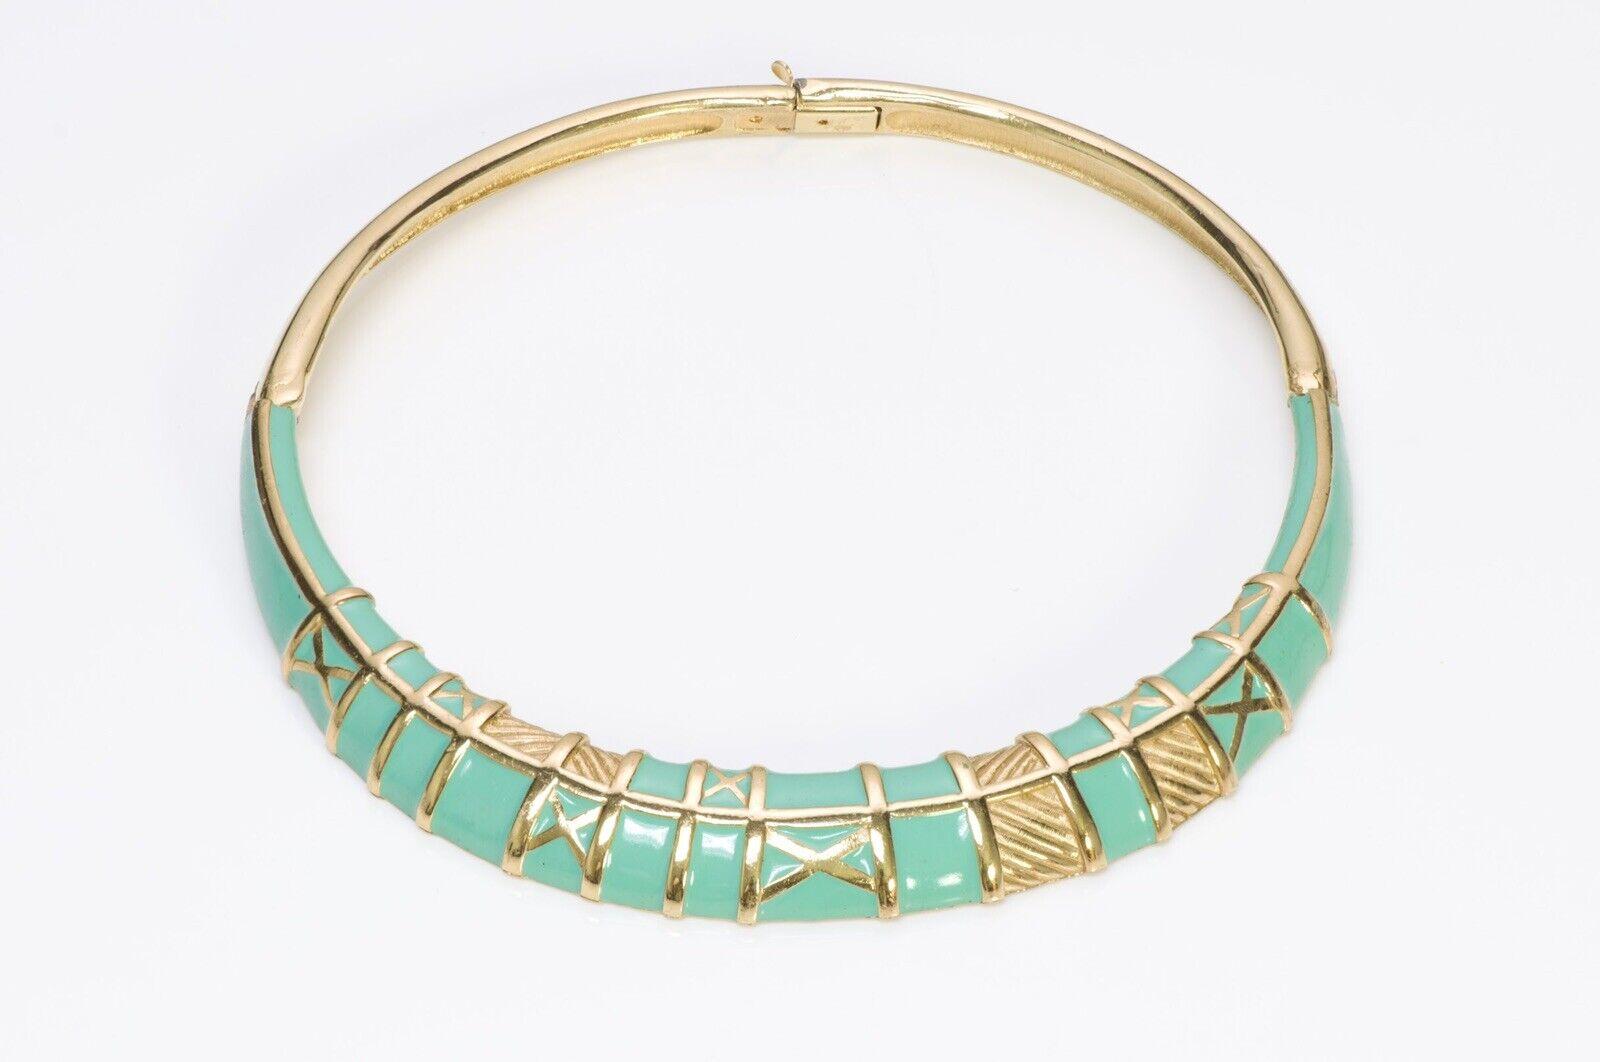 LANVIN Paris 1970's Green Enamel Choker Necklace - image 1